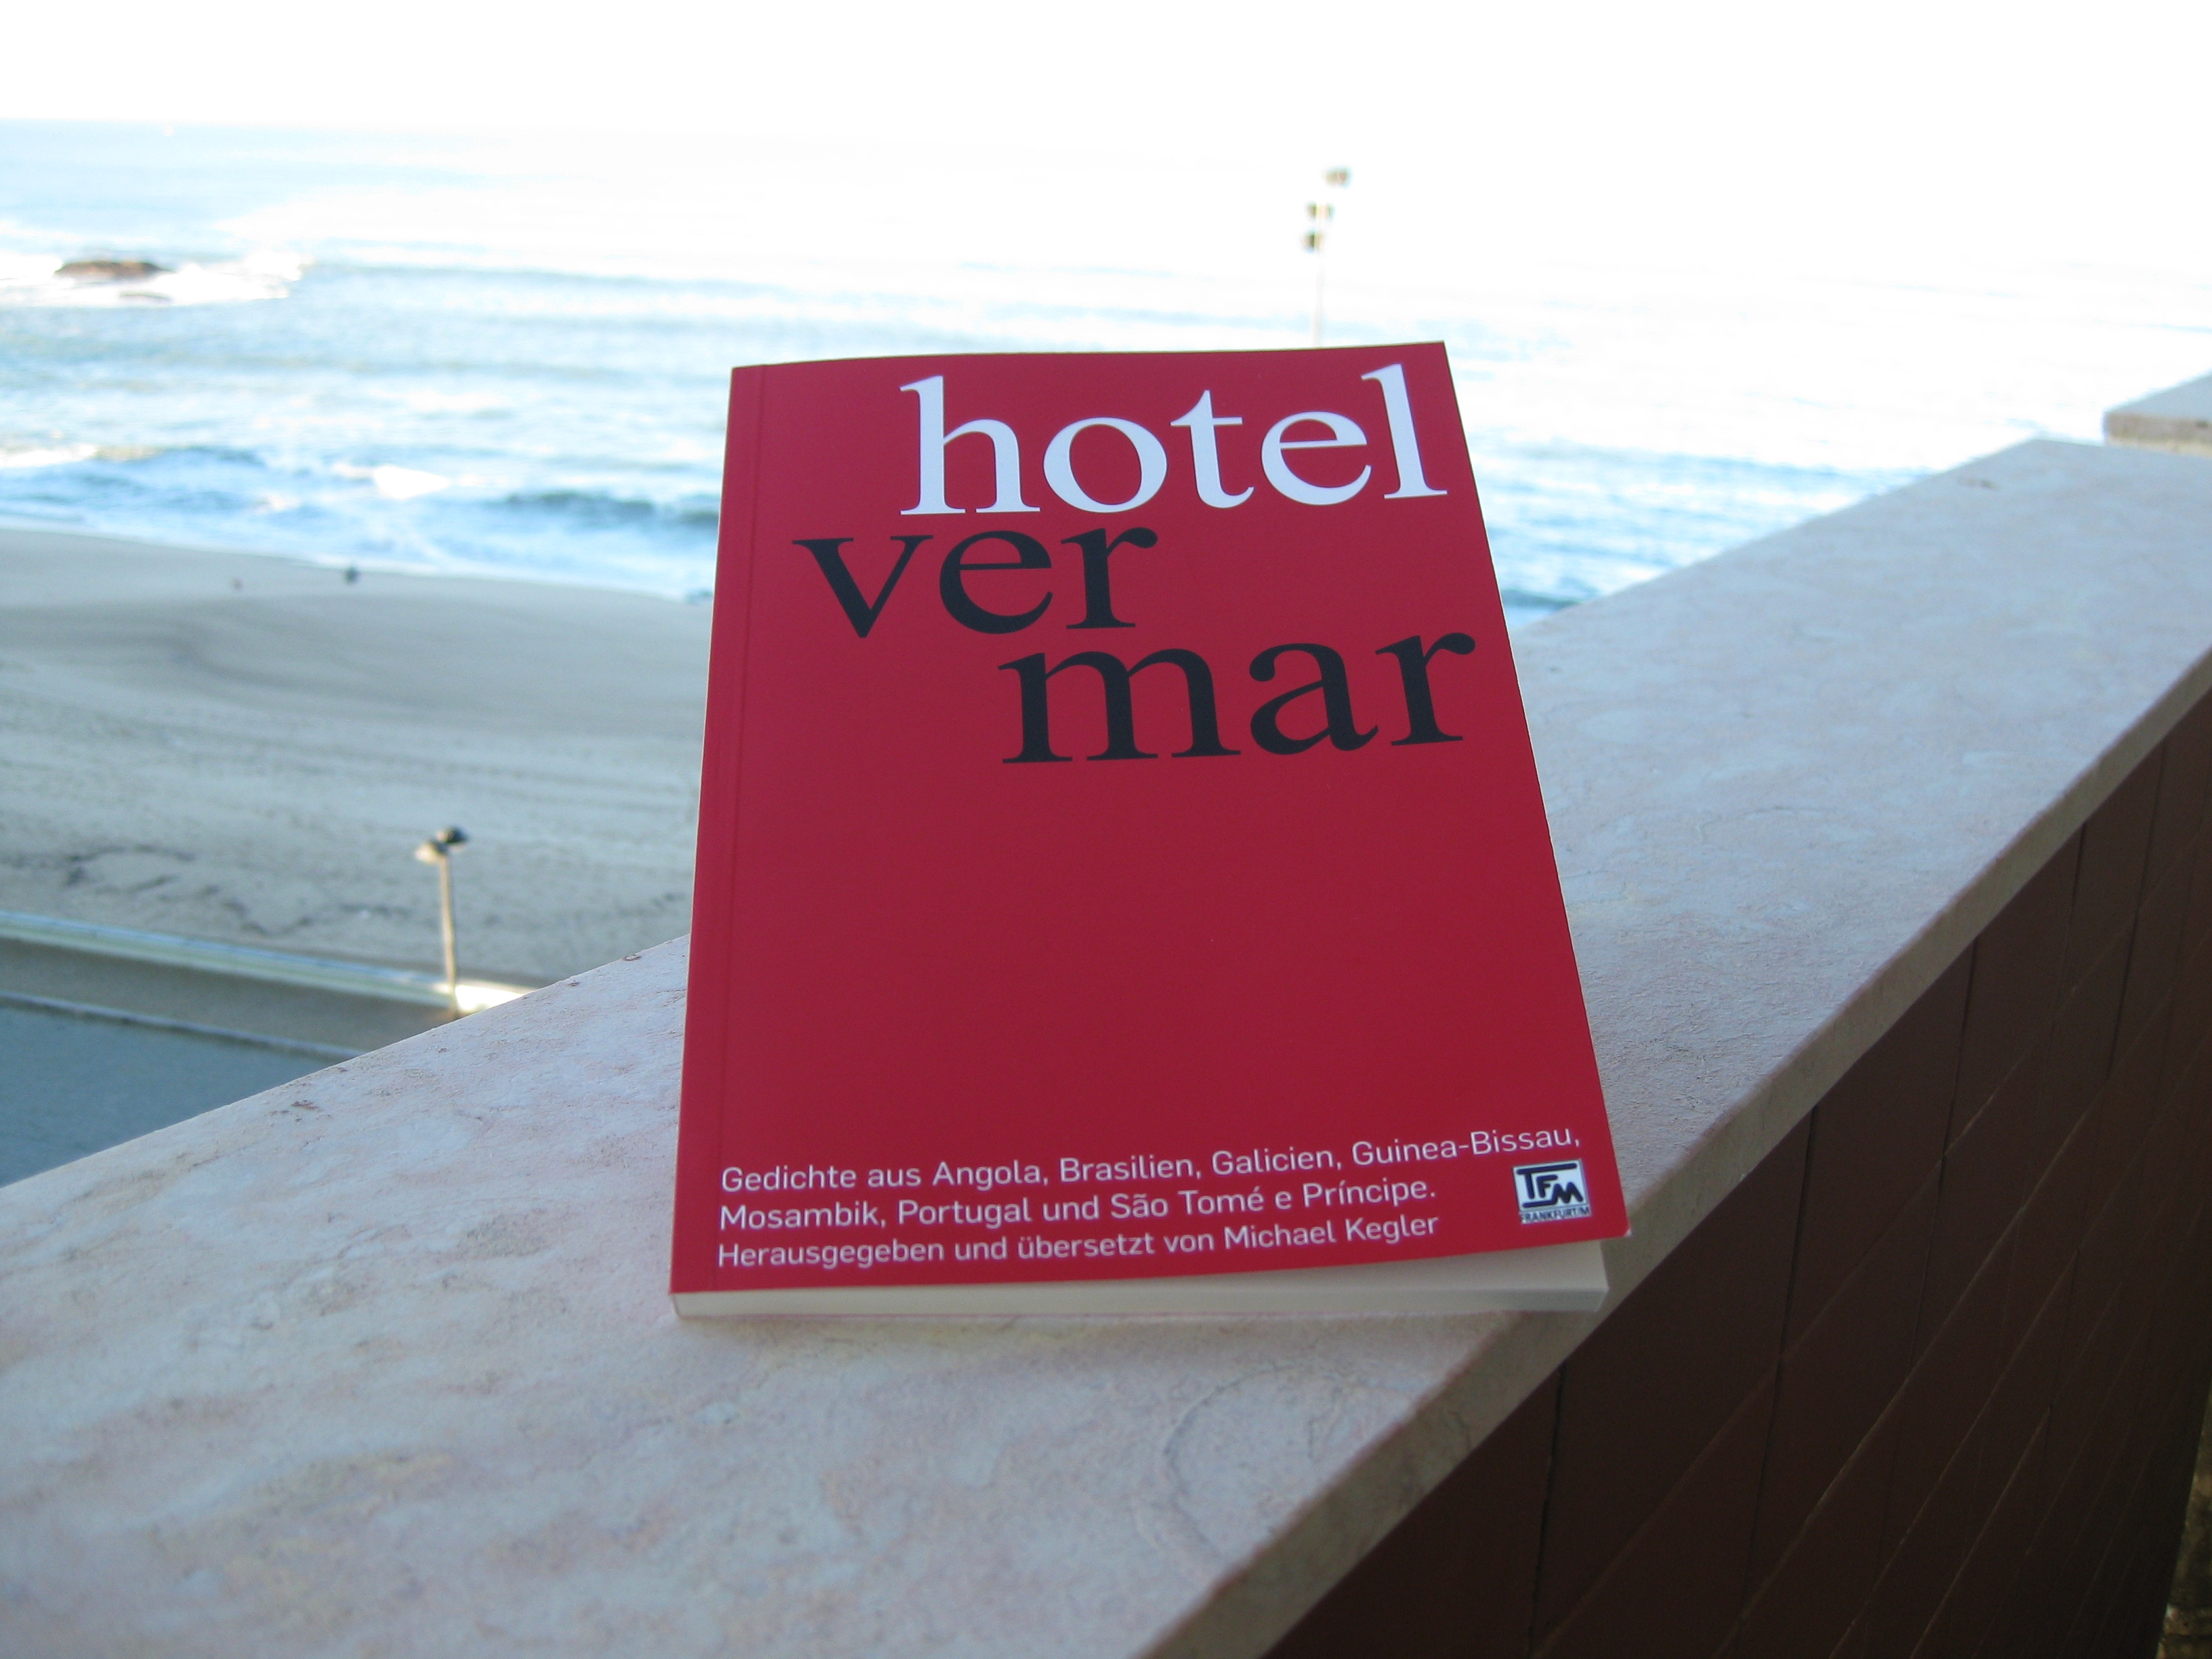 hotel ver mar